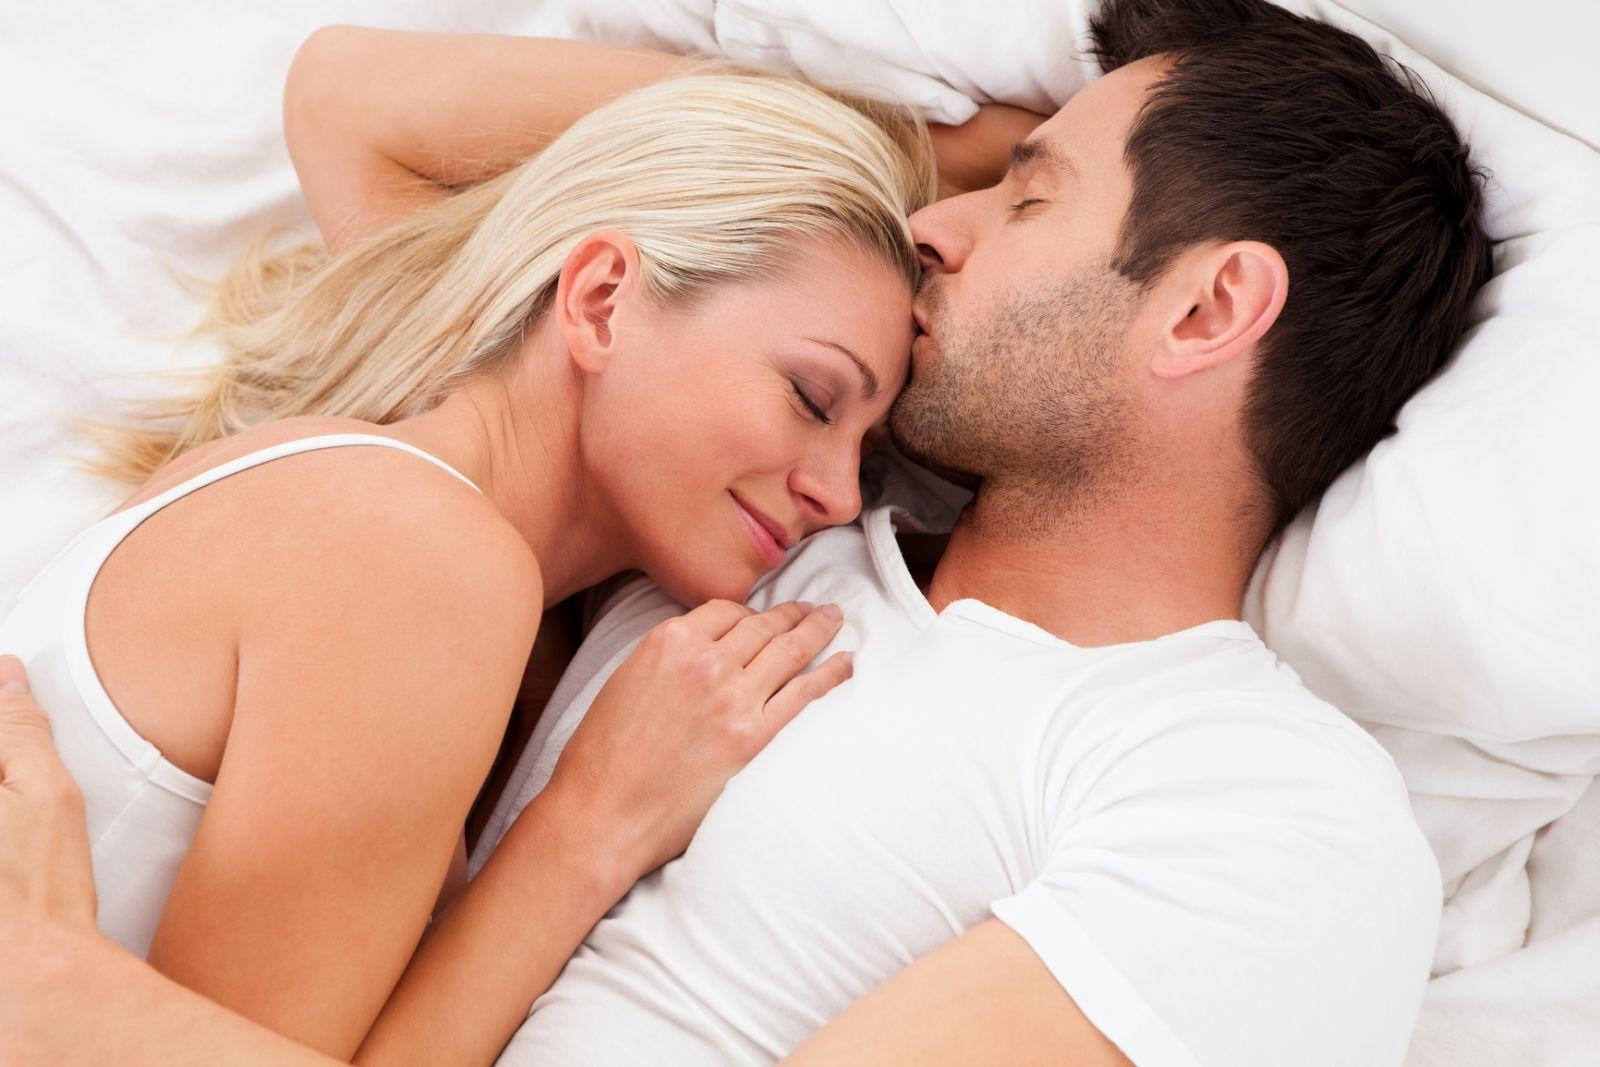 Можно ли заниматься сексом на первом свидании - фото №2